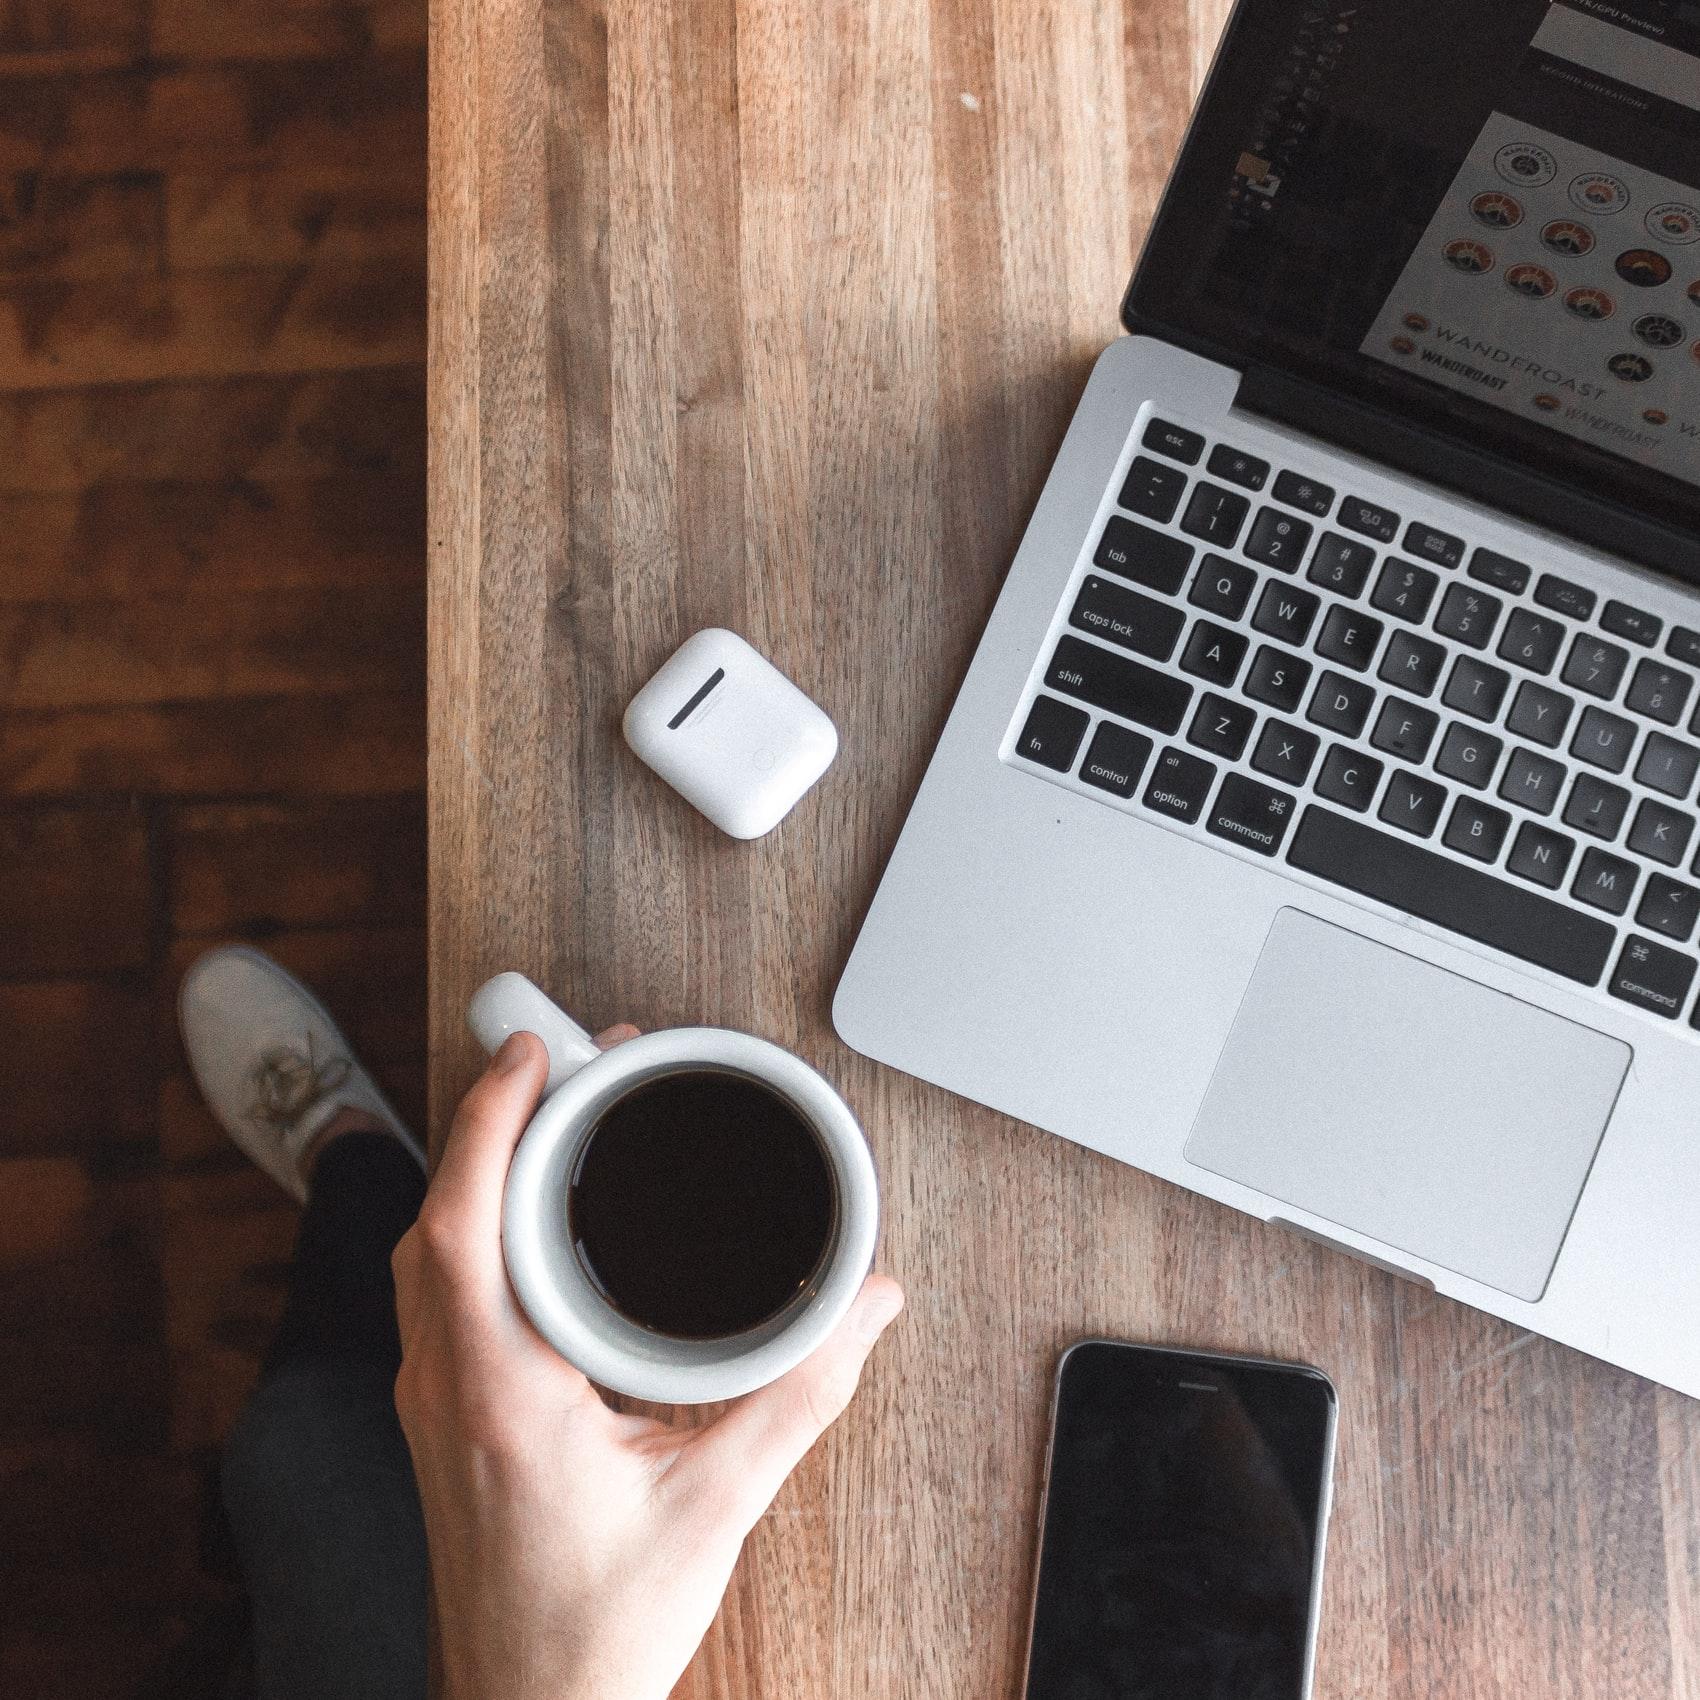 фотоконкурсе красивая картинка ноутбук и кофе сразу, после